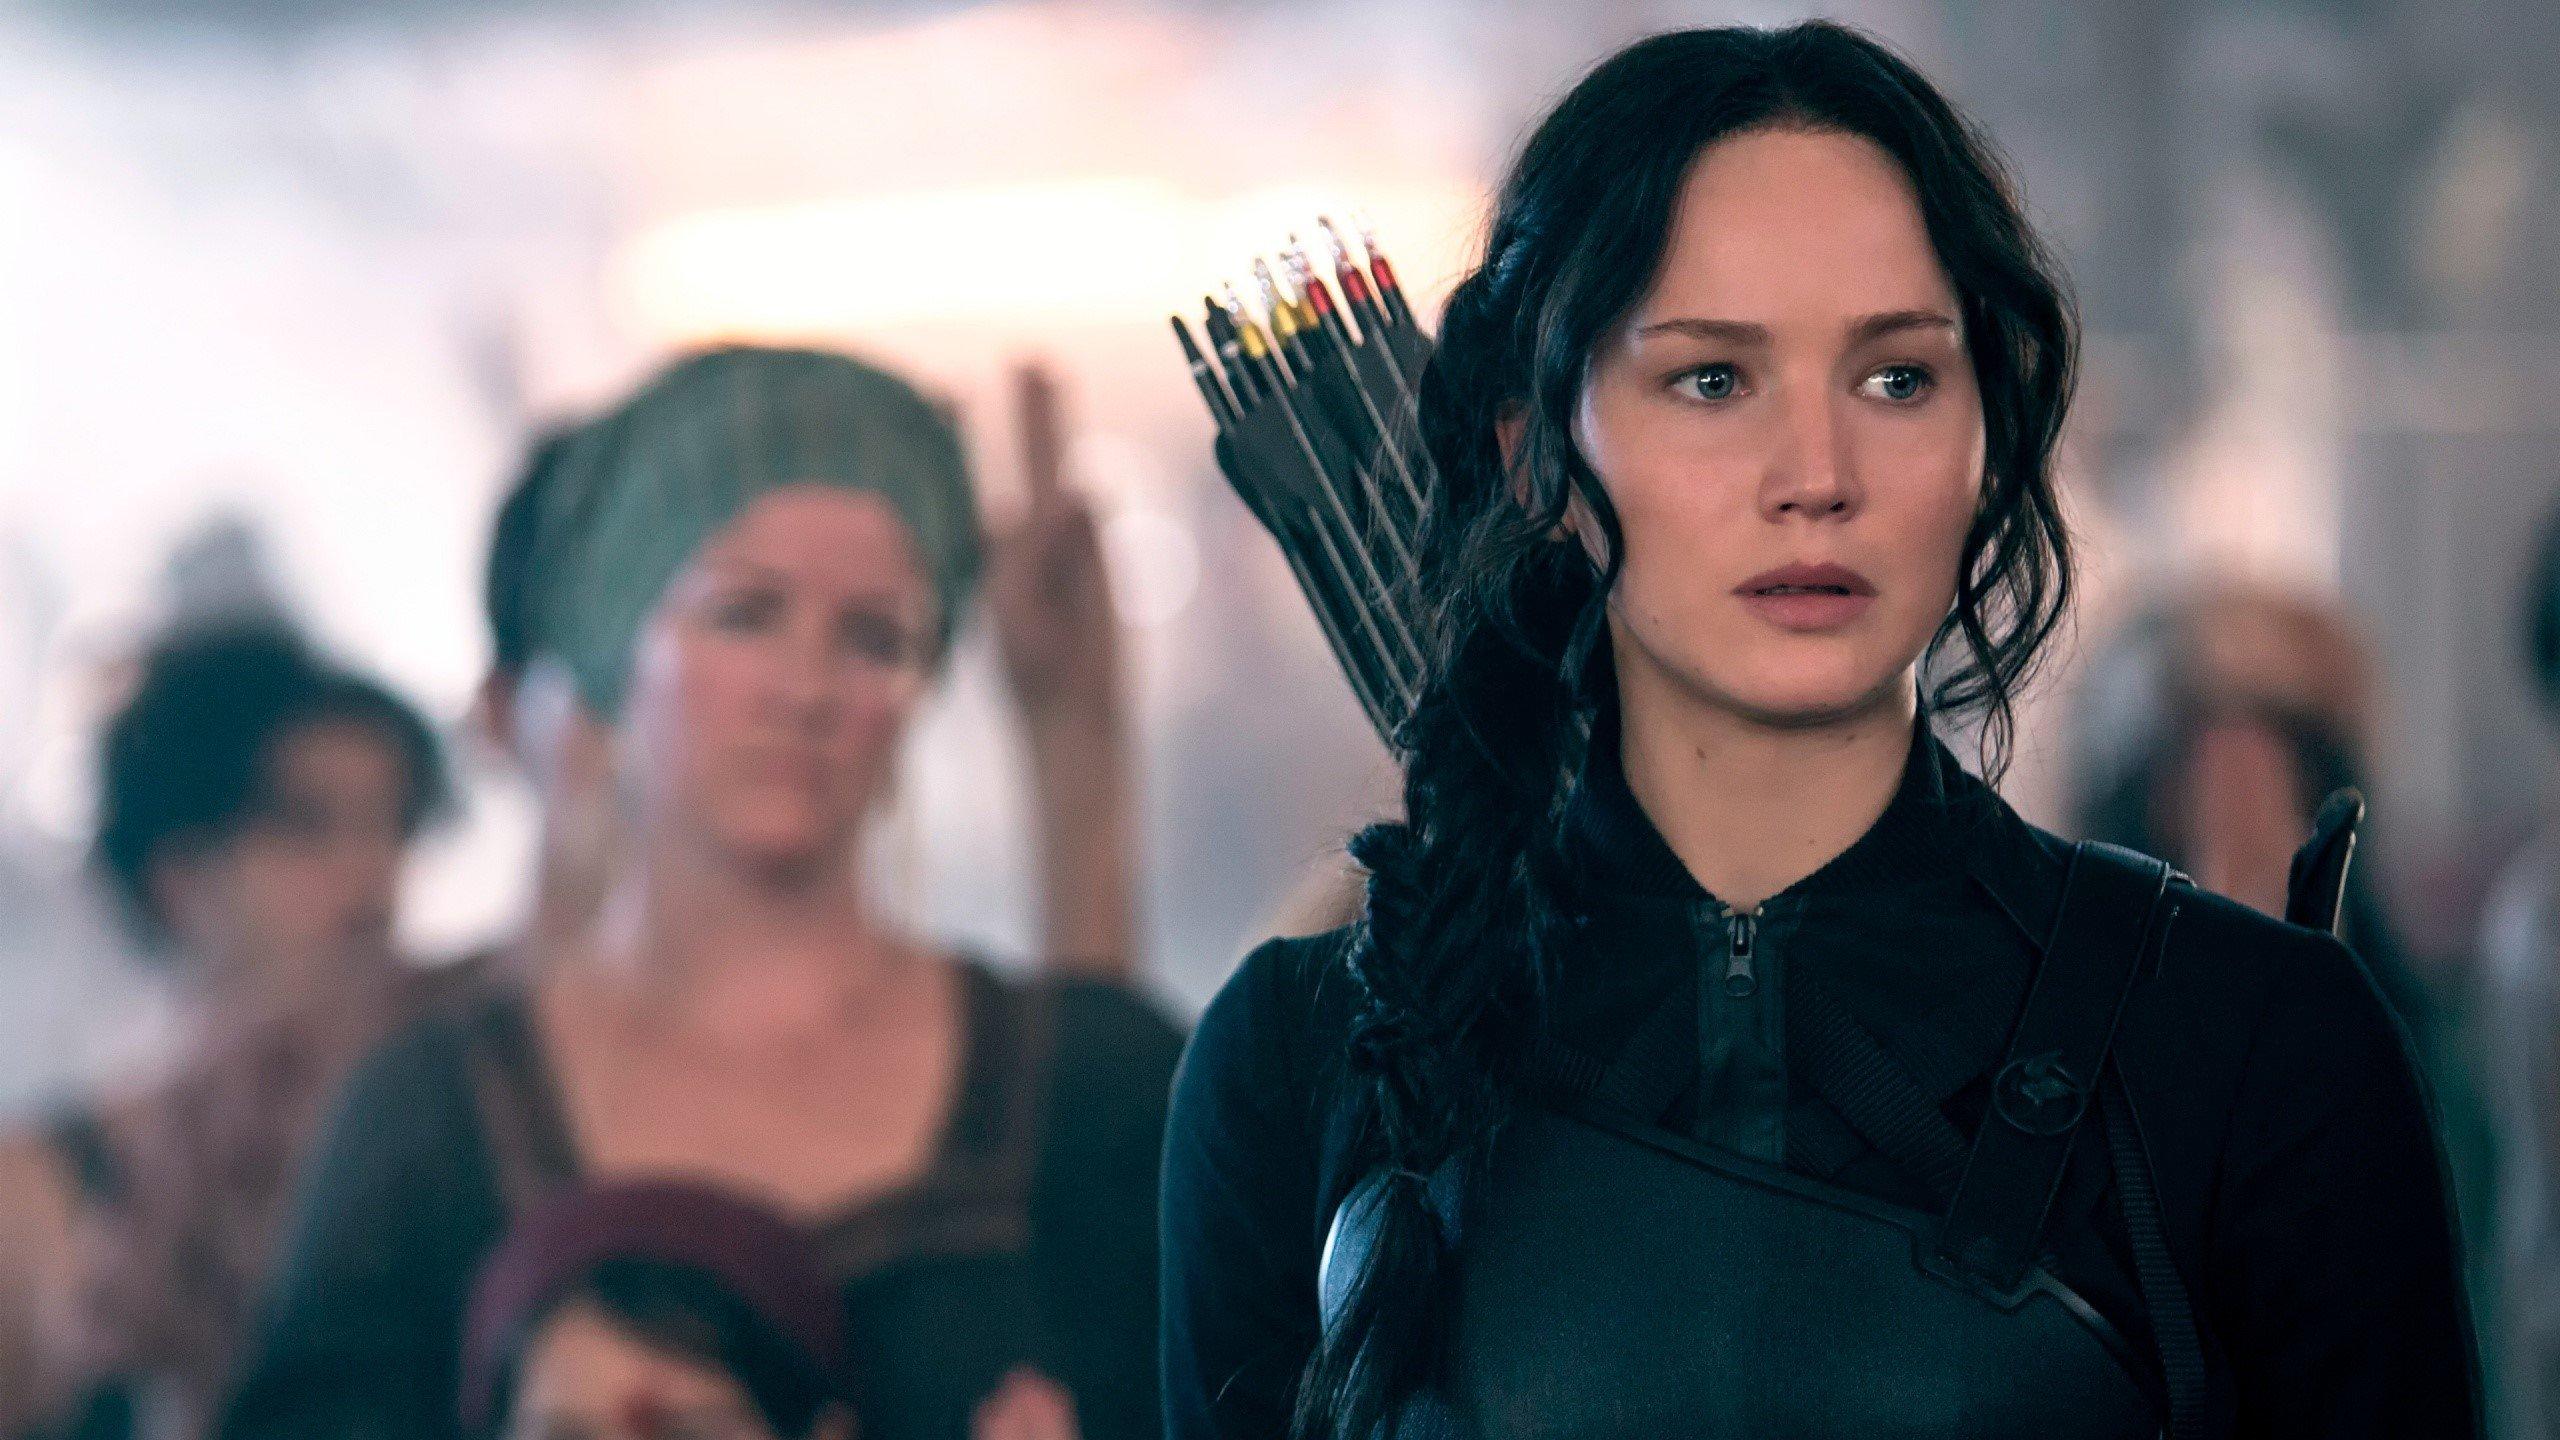 Fondos de pantalla Katniss Everdeen en el distrito 8